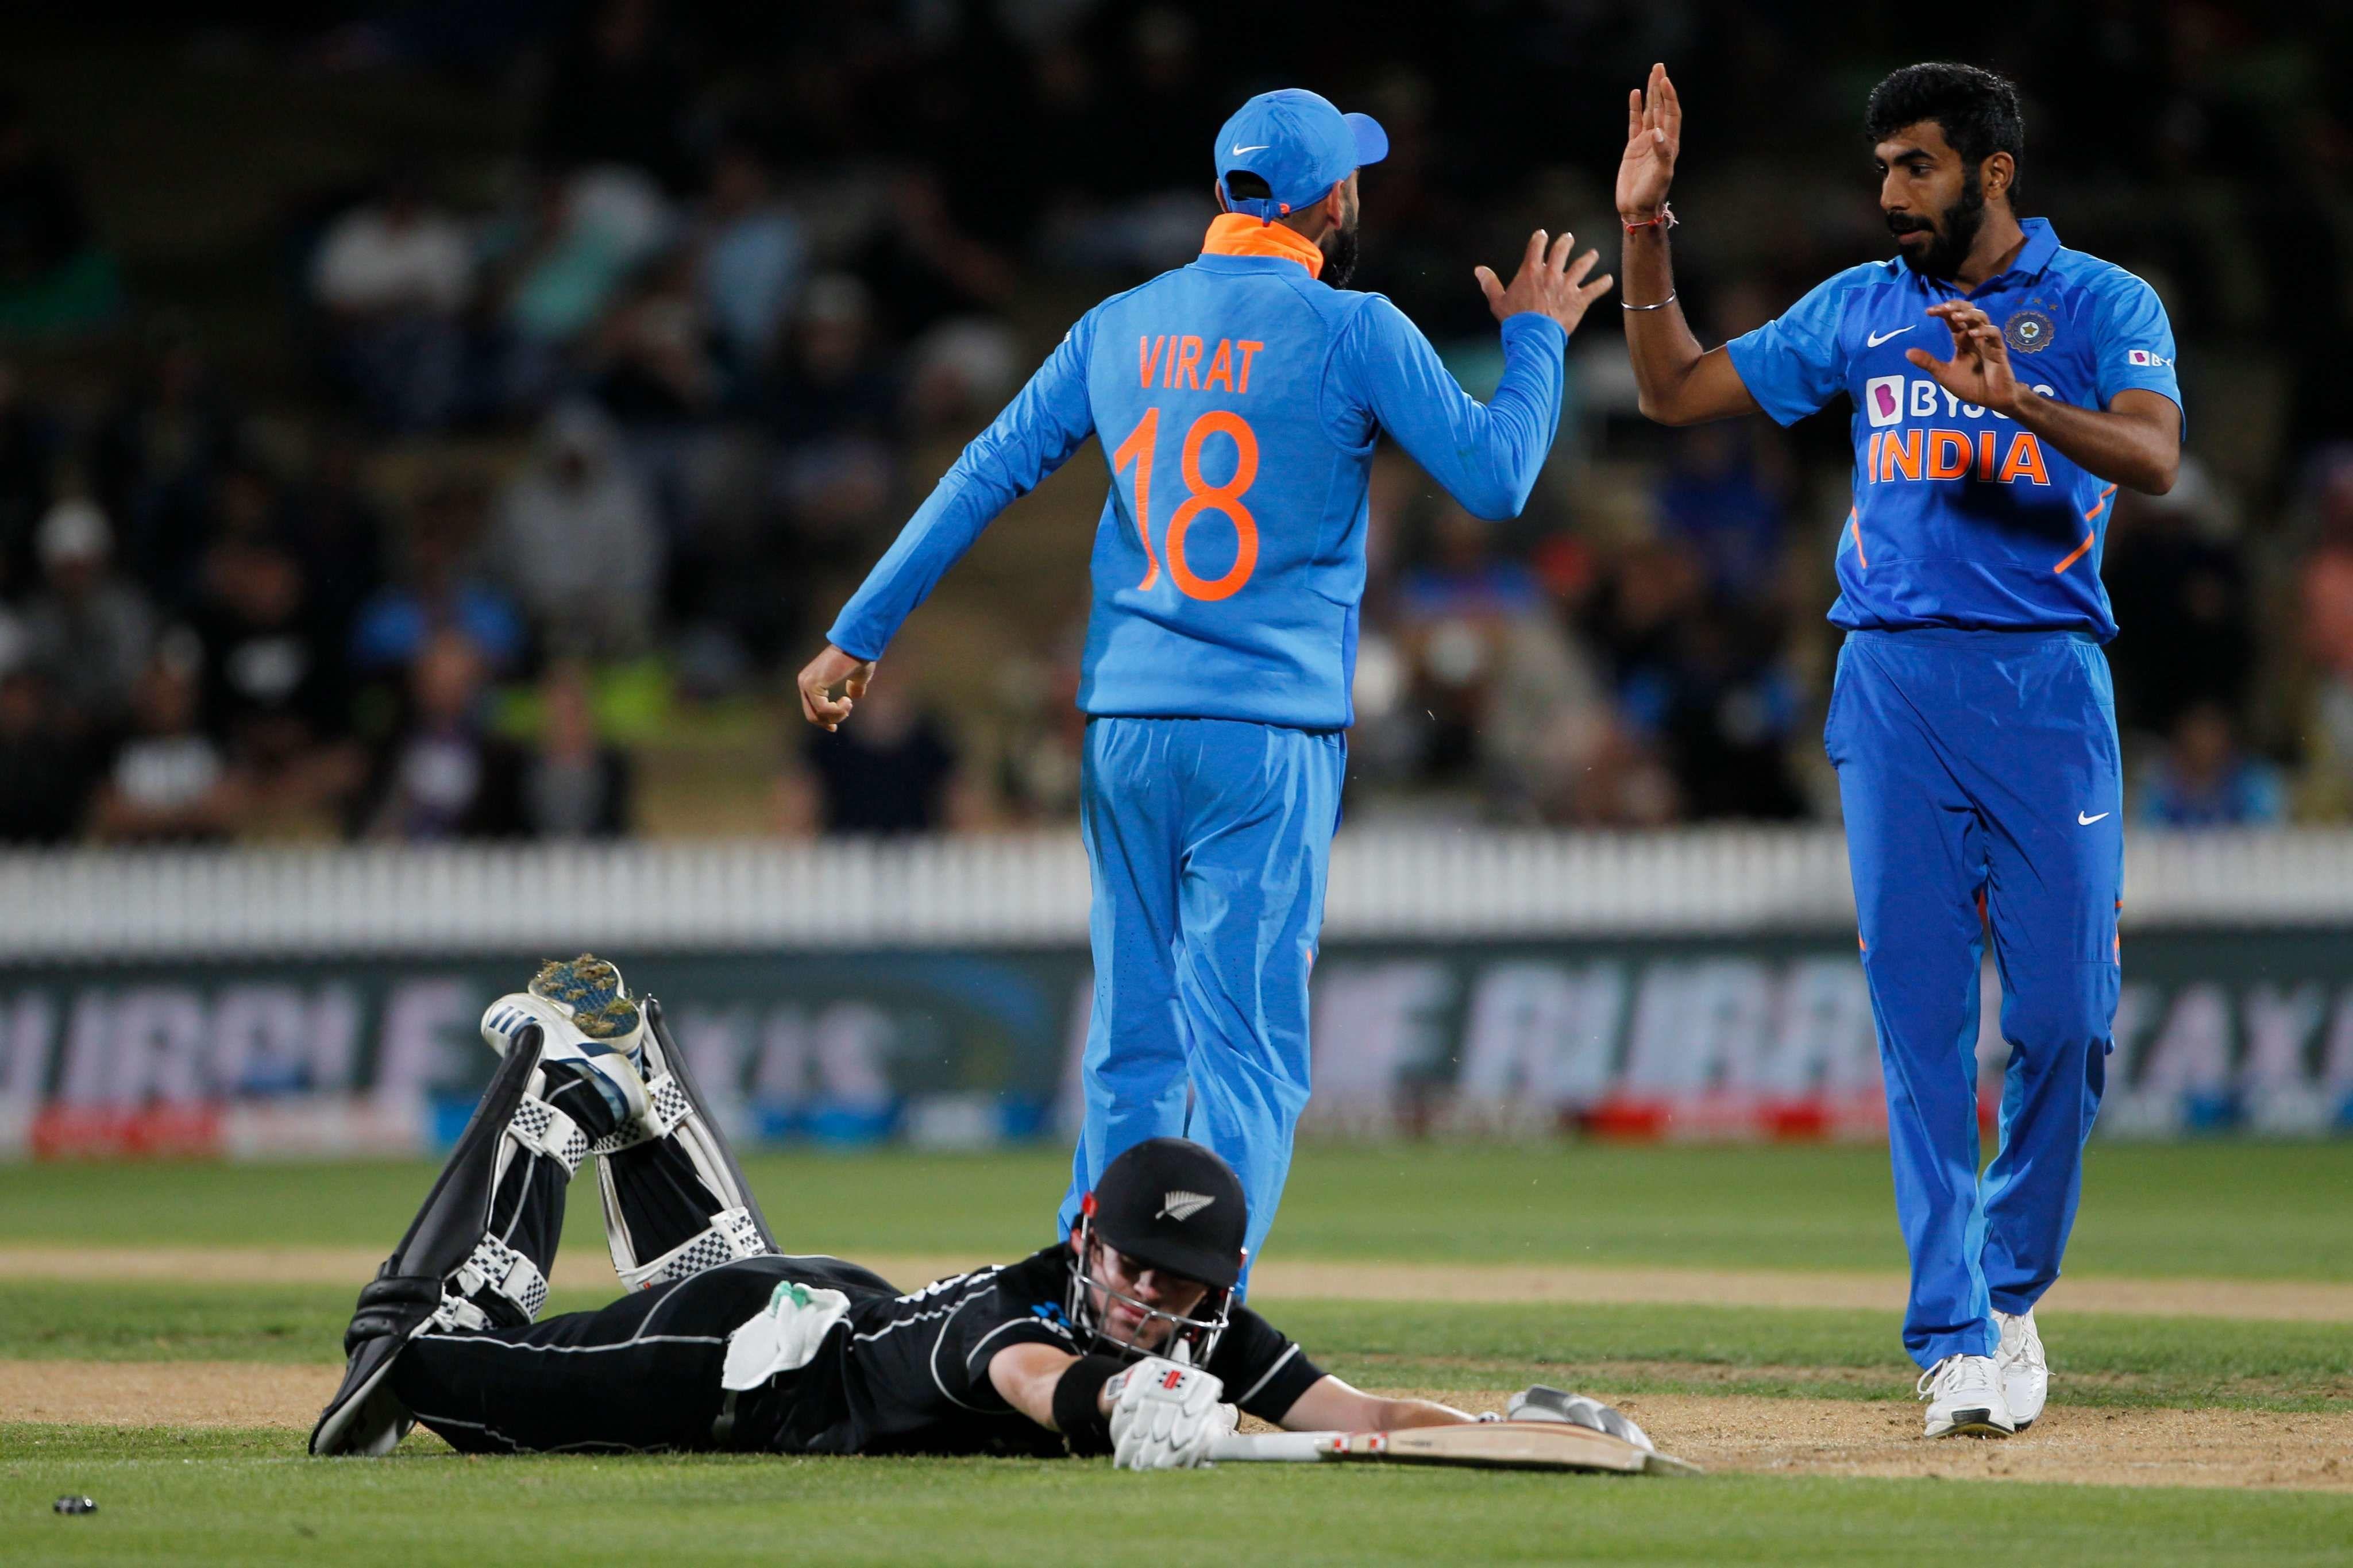 INDvsNZ Live Score : भारत ने 348 रनों का दिया लक्ष्य, विराट कोहली ने निकोल्स को किया रनआउट, भारत को तीसरी सफलता